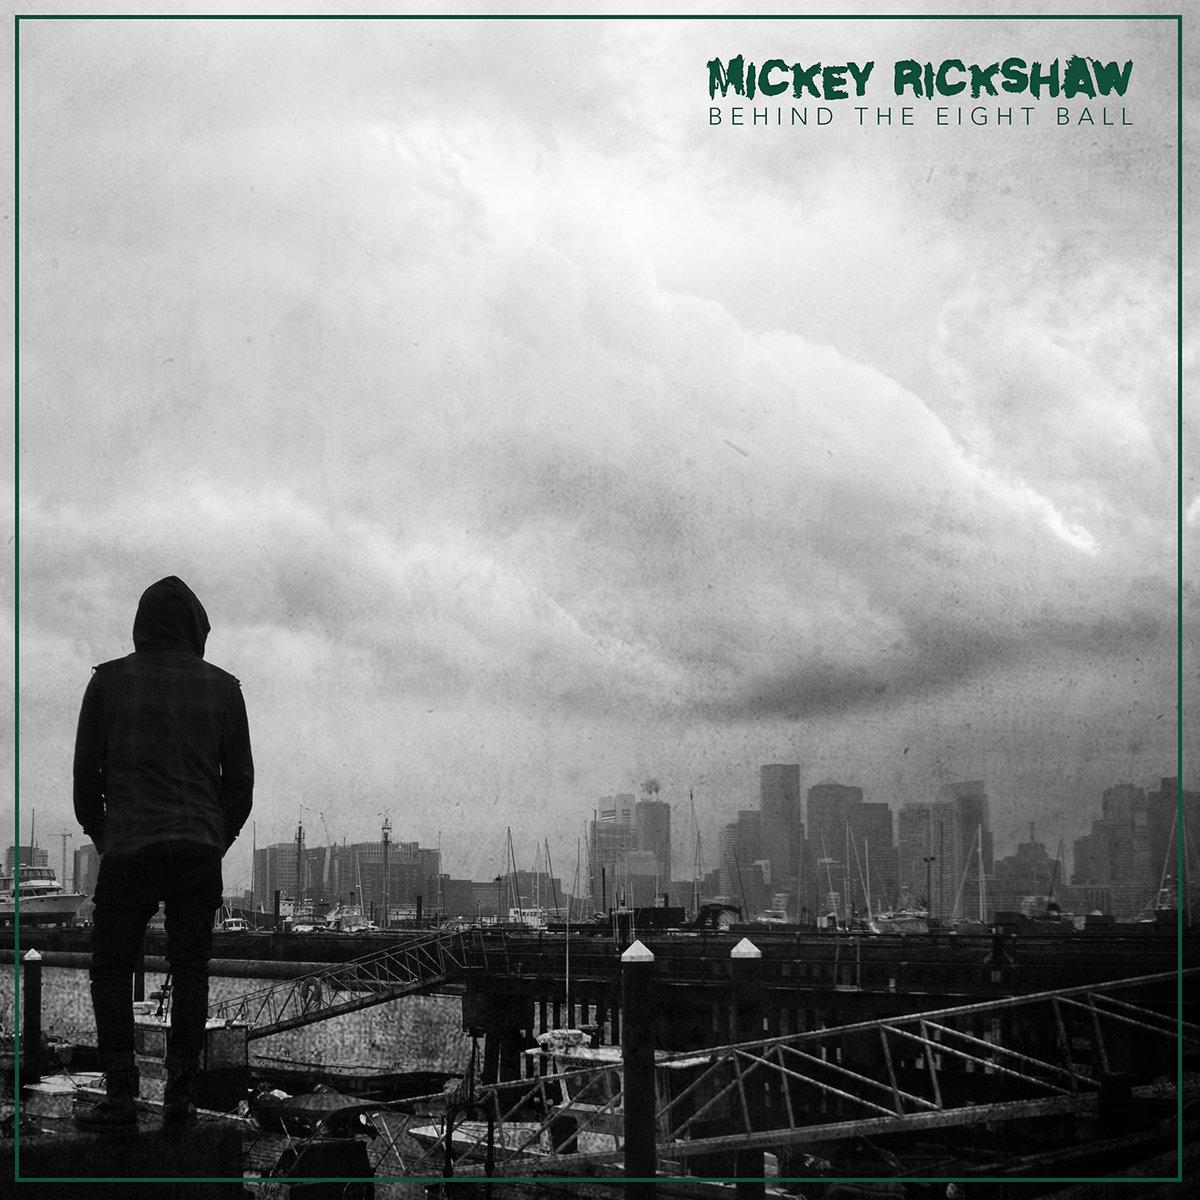 mickeyrickshaw